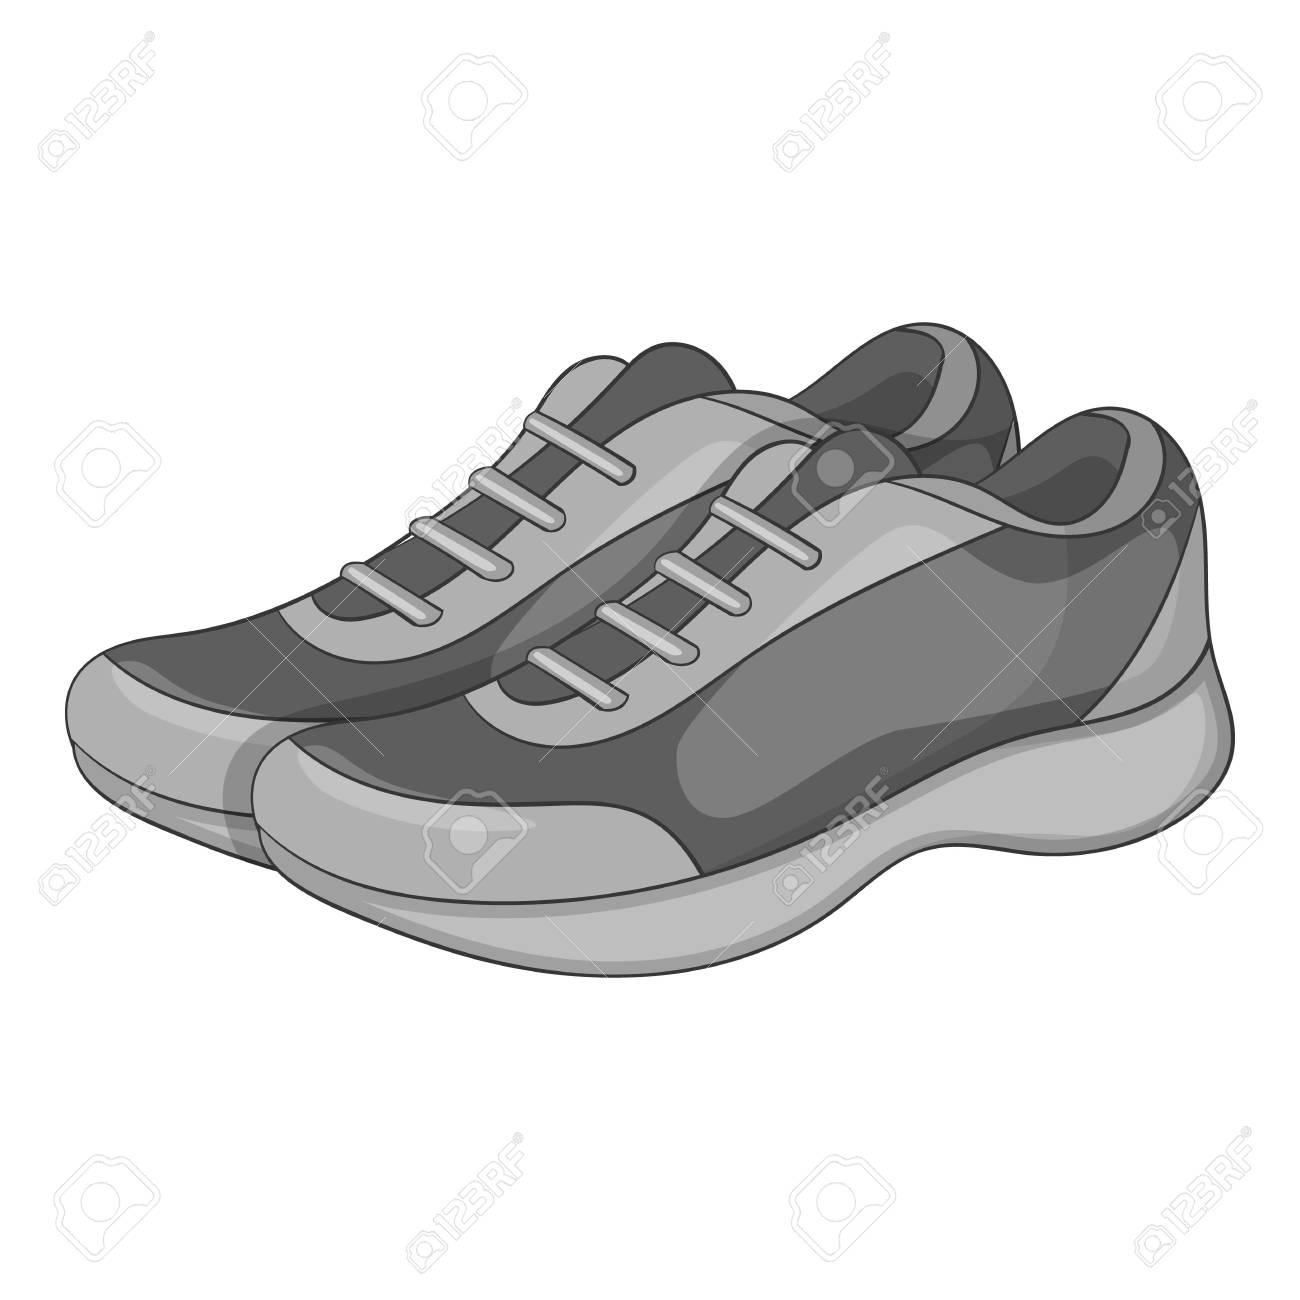 Grigia Di Monocromatica Icona Sneakers L'illustrazione Sportive qOXUwUvn